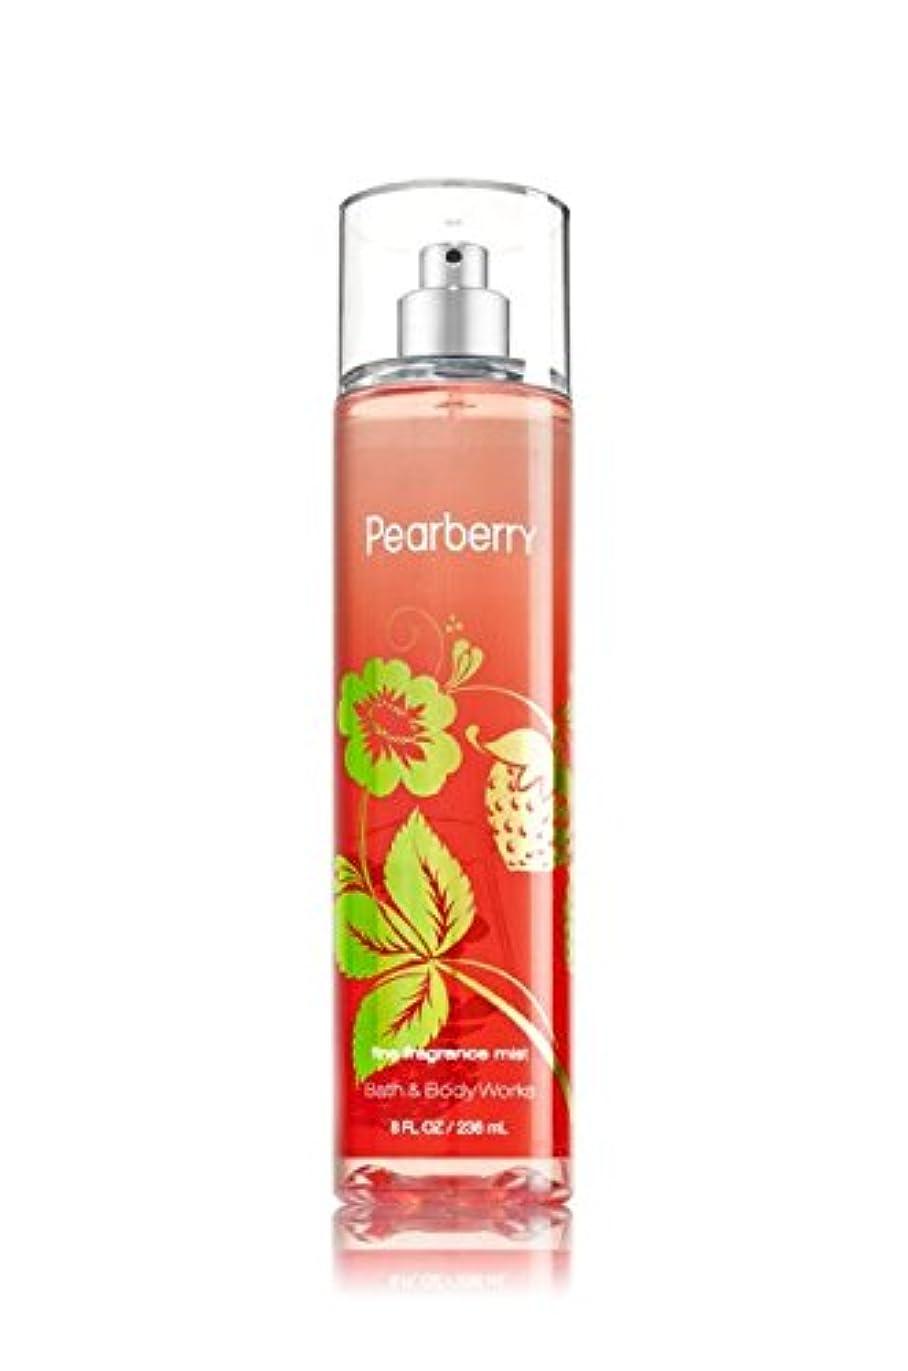 飾り羽賄賂ブースト【Bath&Body Works/バス&ボディワークス】 ファインフレグランスミスト ペアベリー Fine Fragrance Mist Pearberry 8oz (236ml) [並行輸入品]